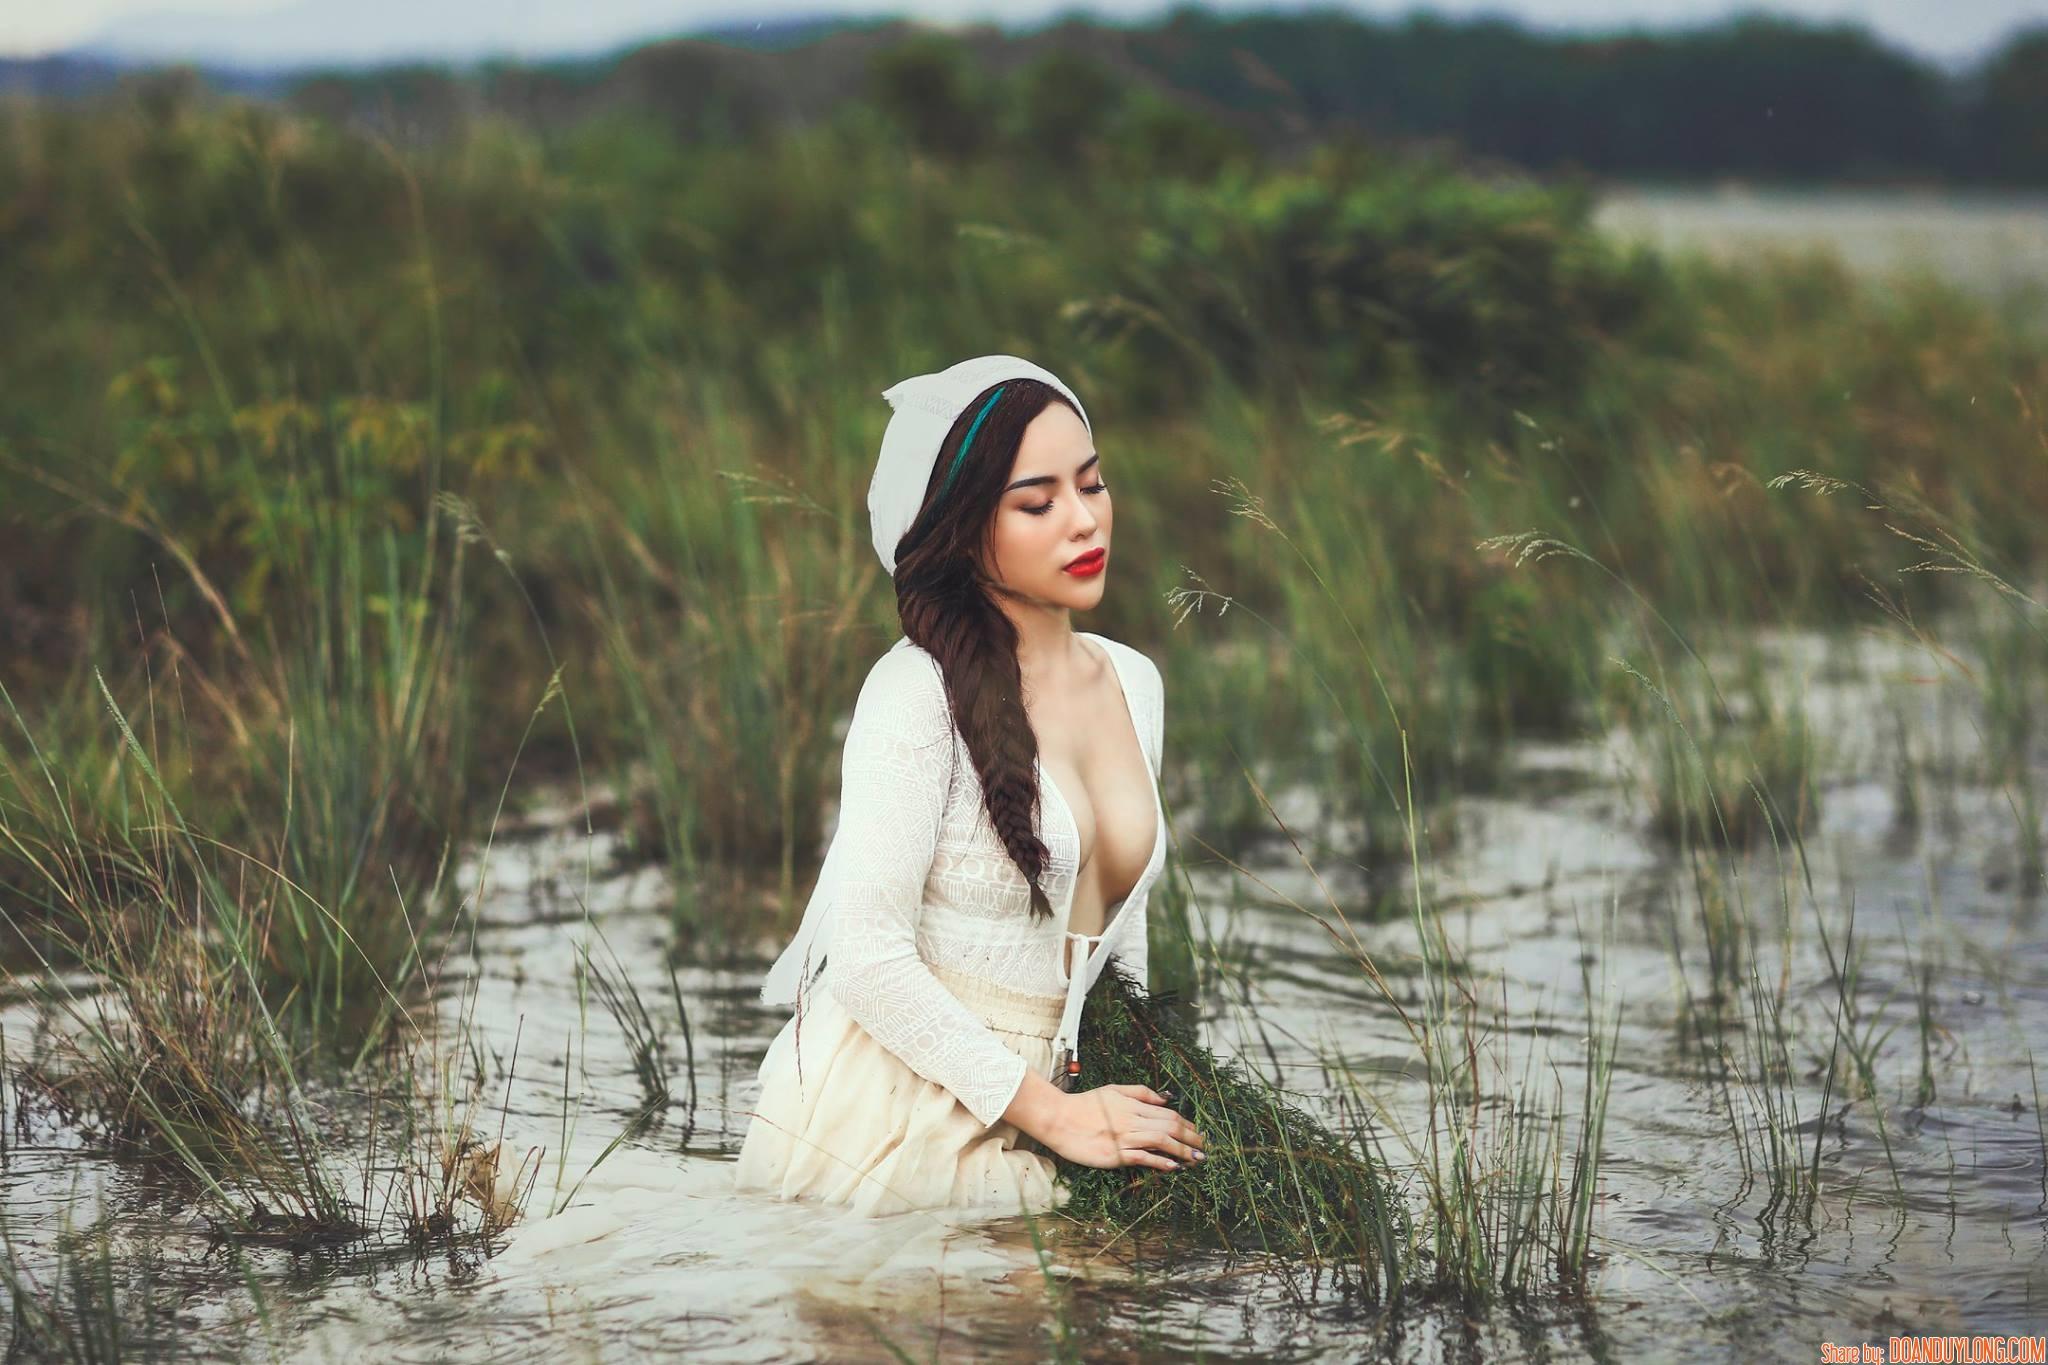 Chia sẻ stock bộ ảnh cô gái bên sông